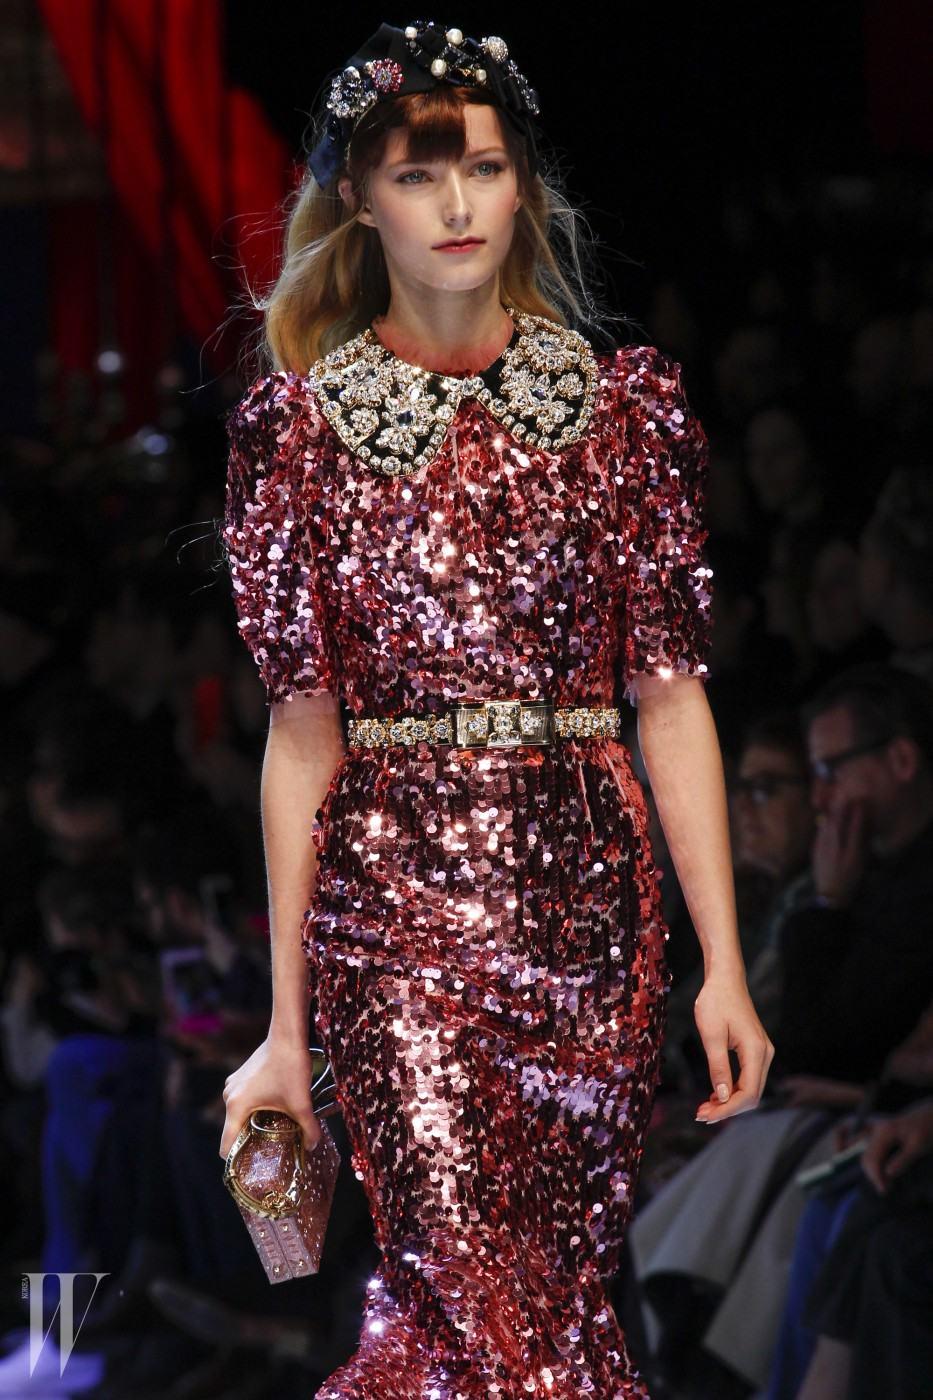 Dolce & Gabbana Fall Winter 2016/2017